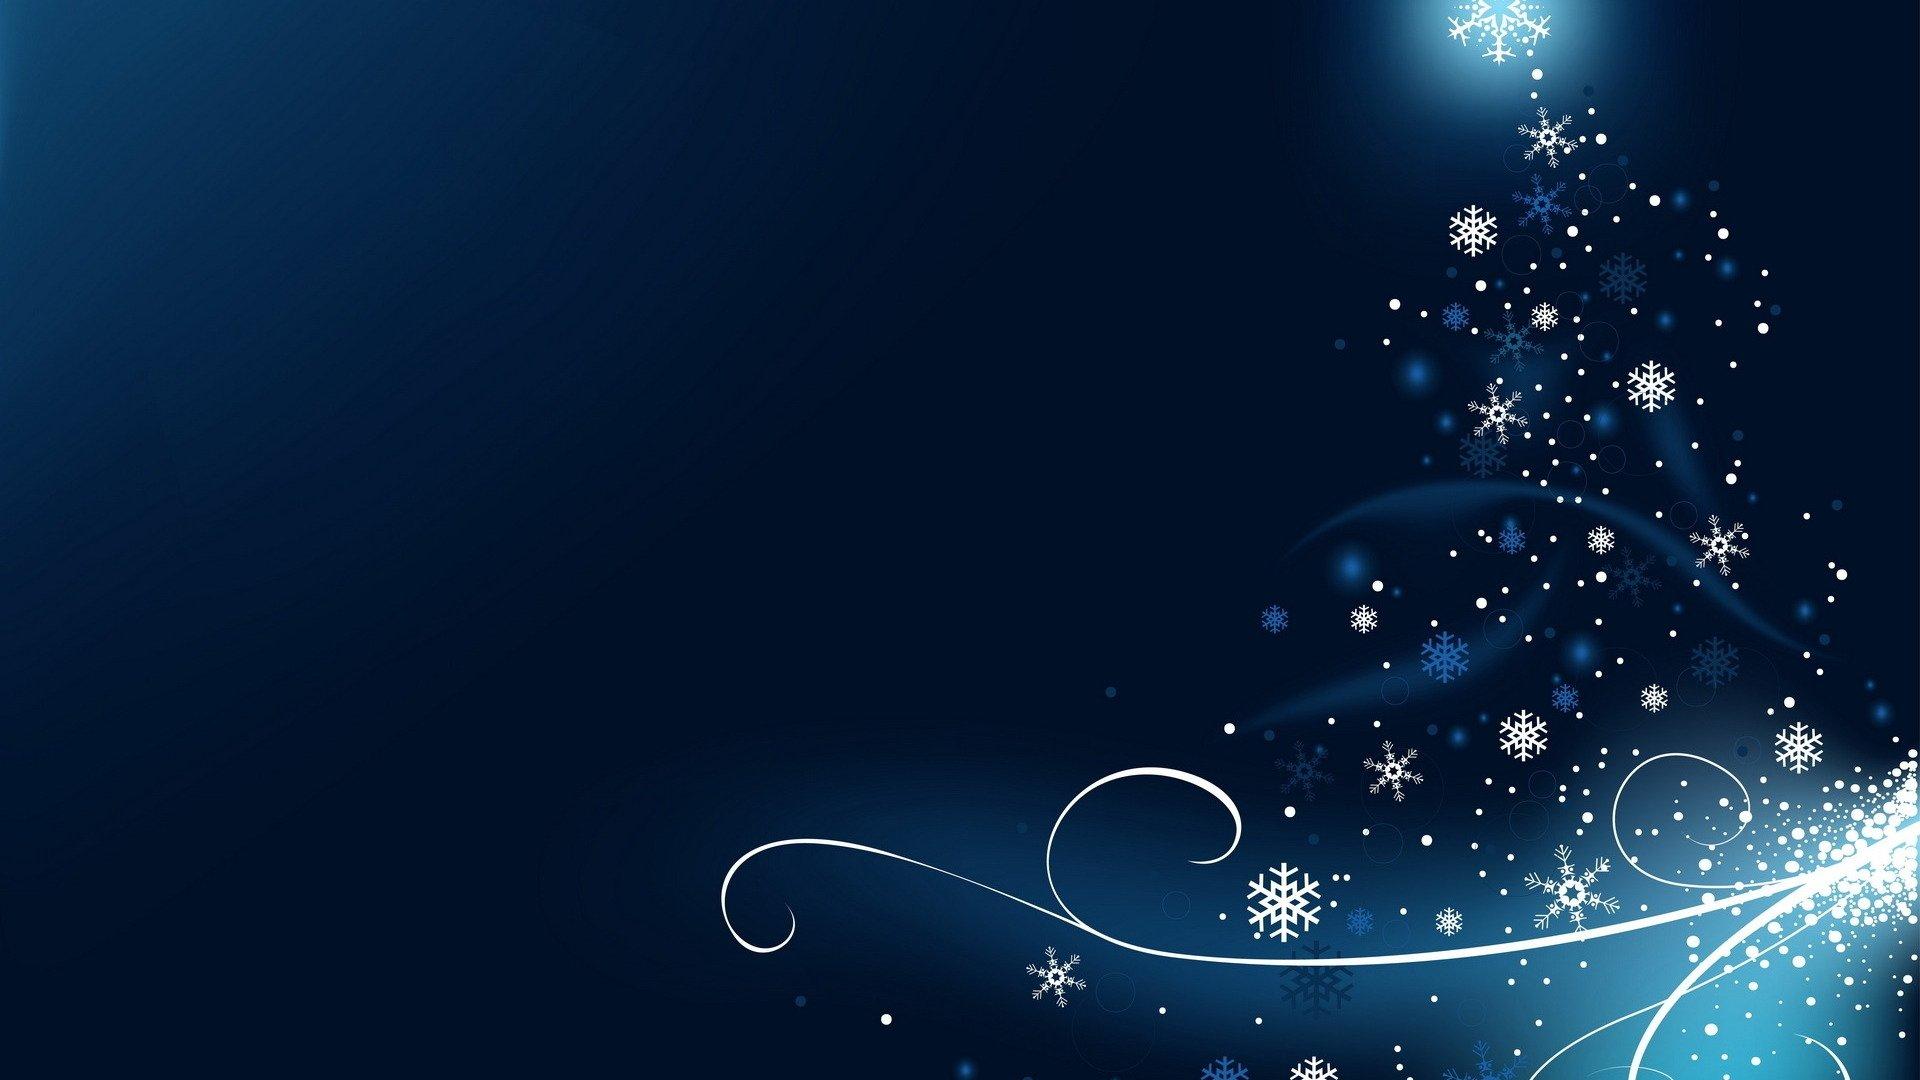 Google xmas themes - Google Chrome Themes Christmas Snowflake Theme